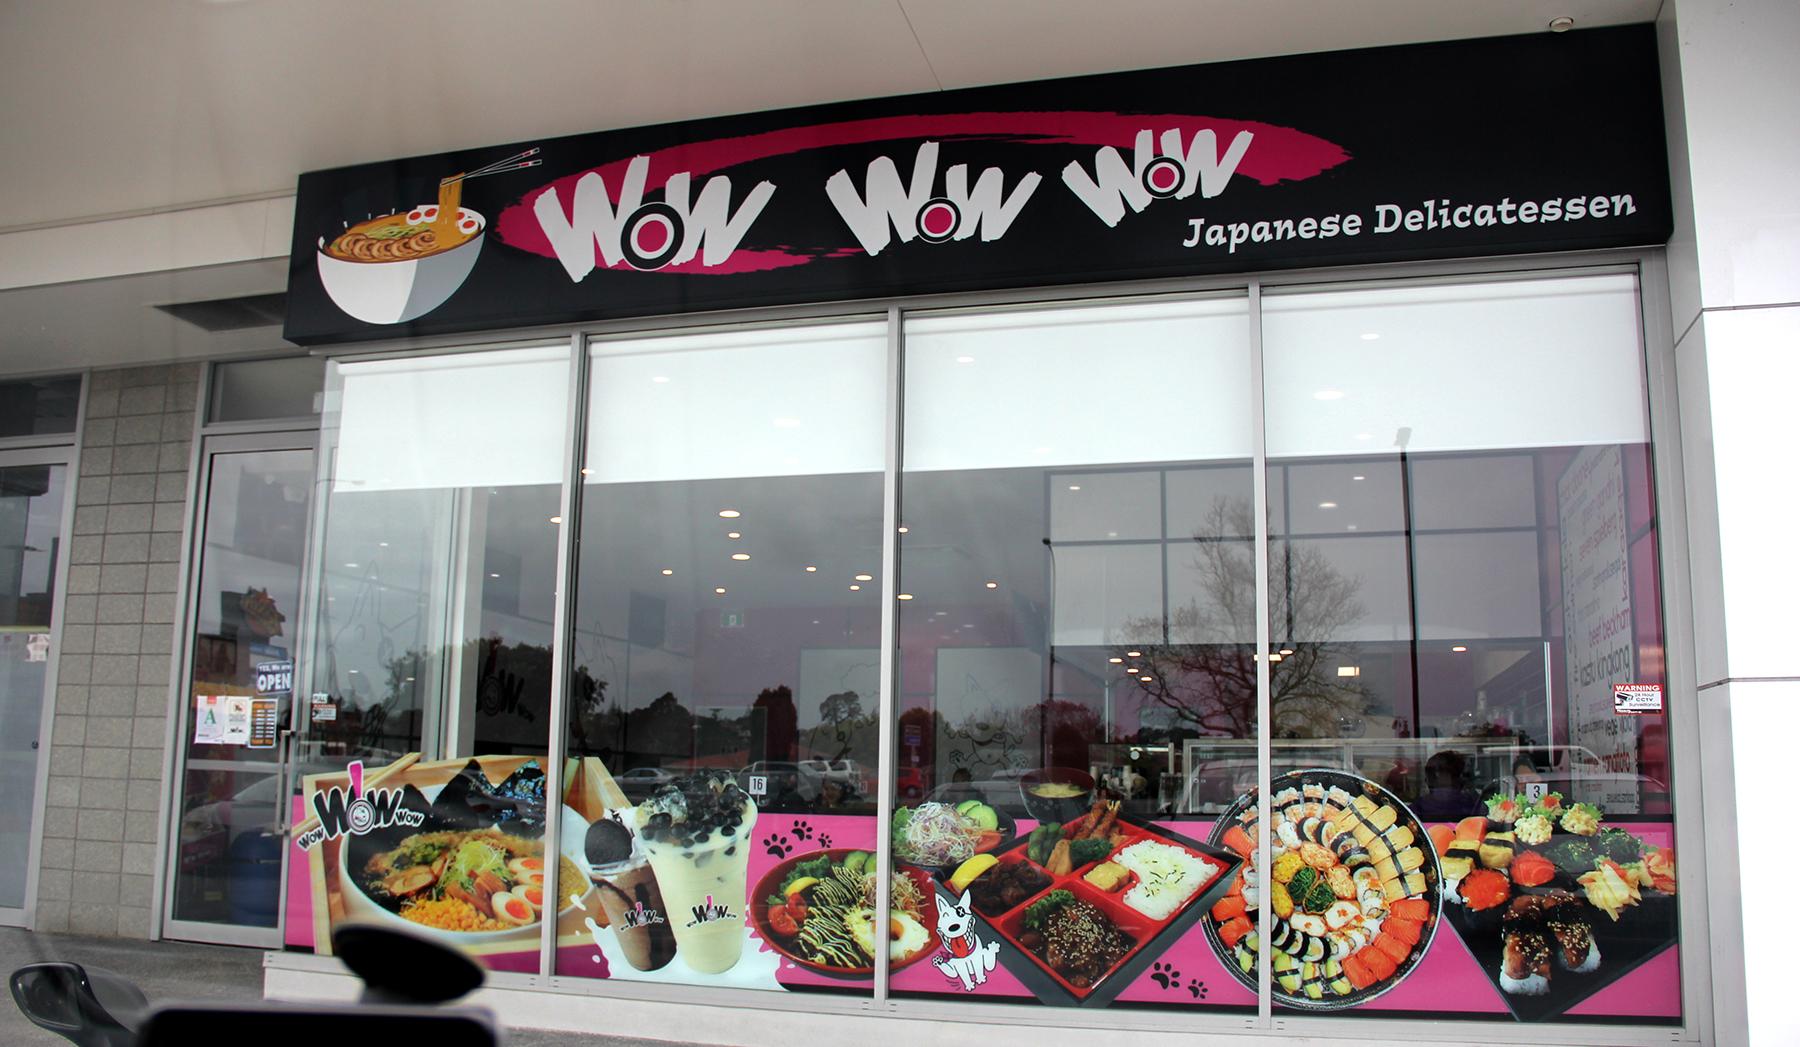 Wow Wow Wow Sushi